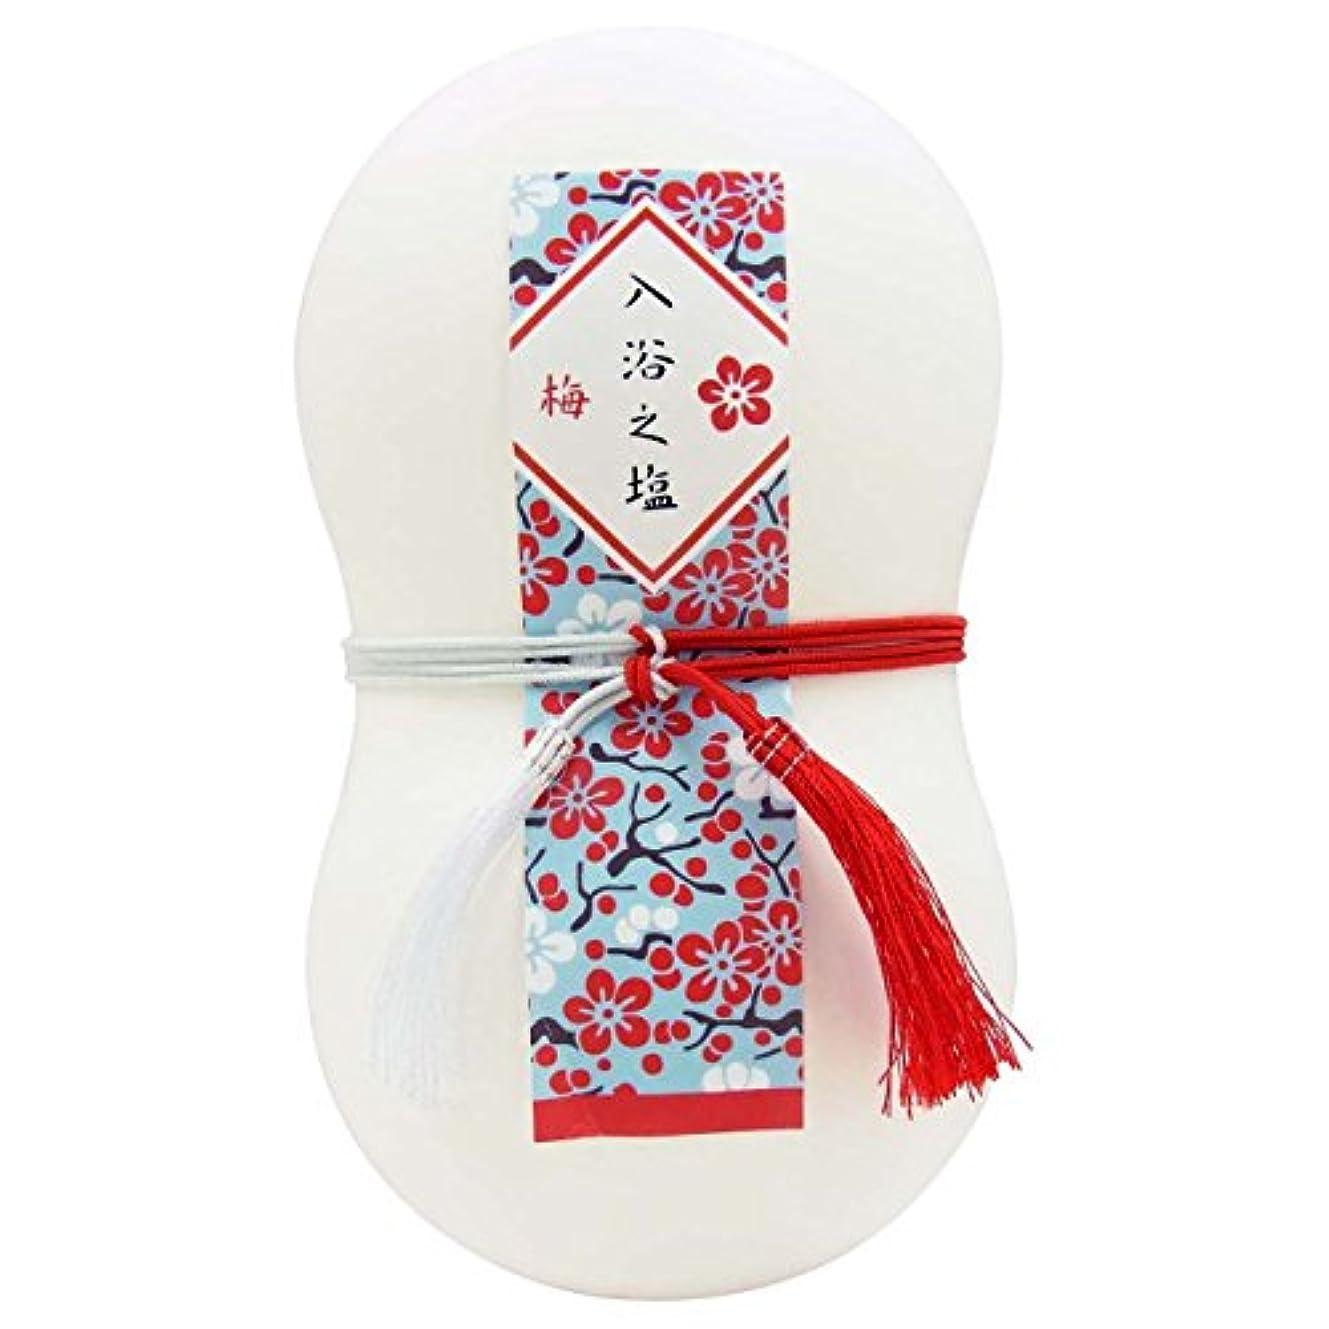 ブルゴーニュゴミ箱好奇心盛入浴之塩 梅まゆ玉 25g×4個